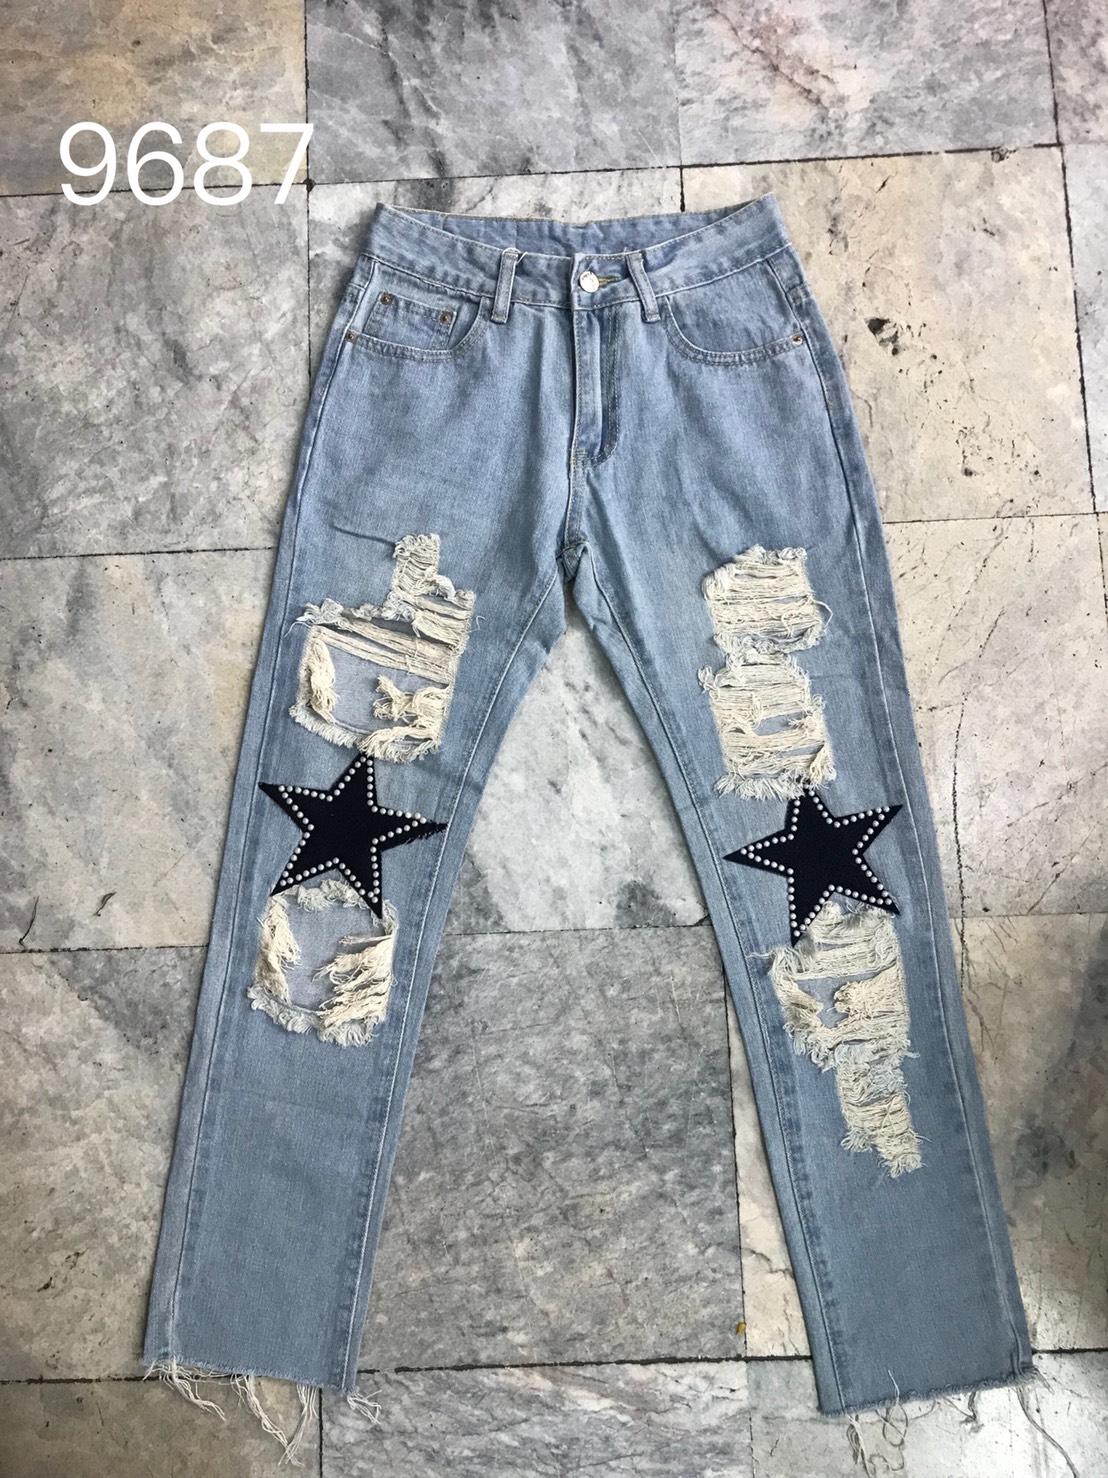 กางเกงยีนส์ทรงบอย สีอ่อน ลายดาว